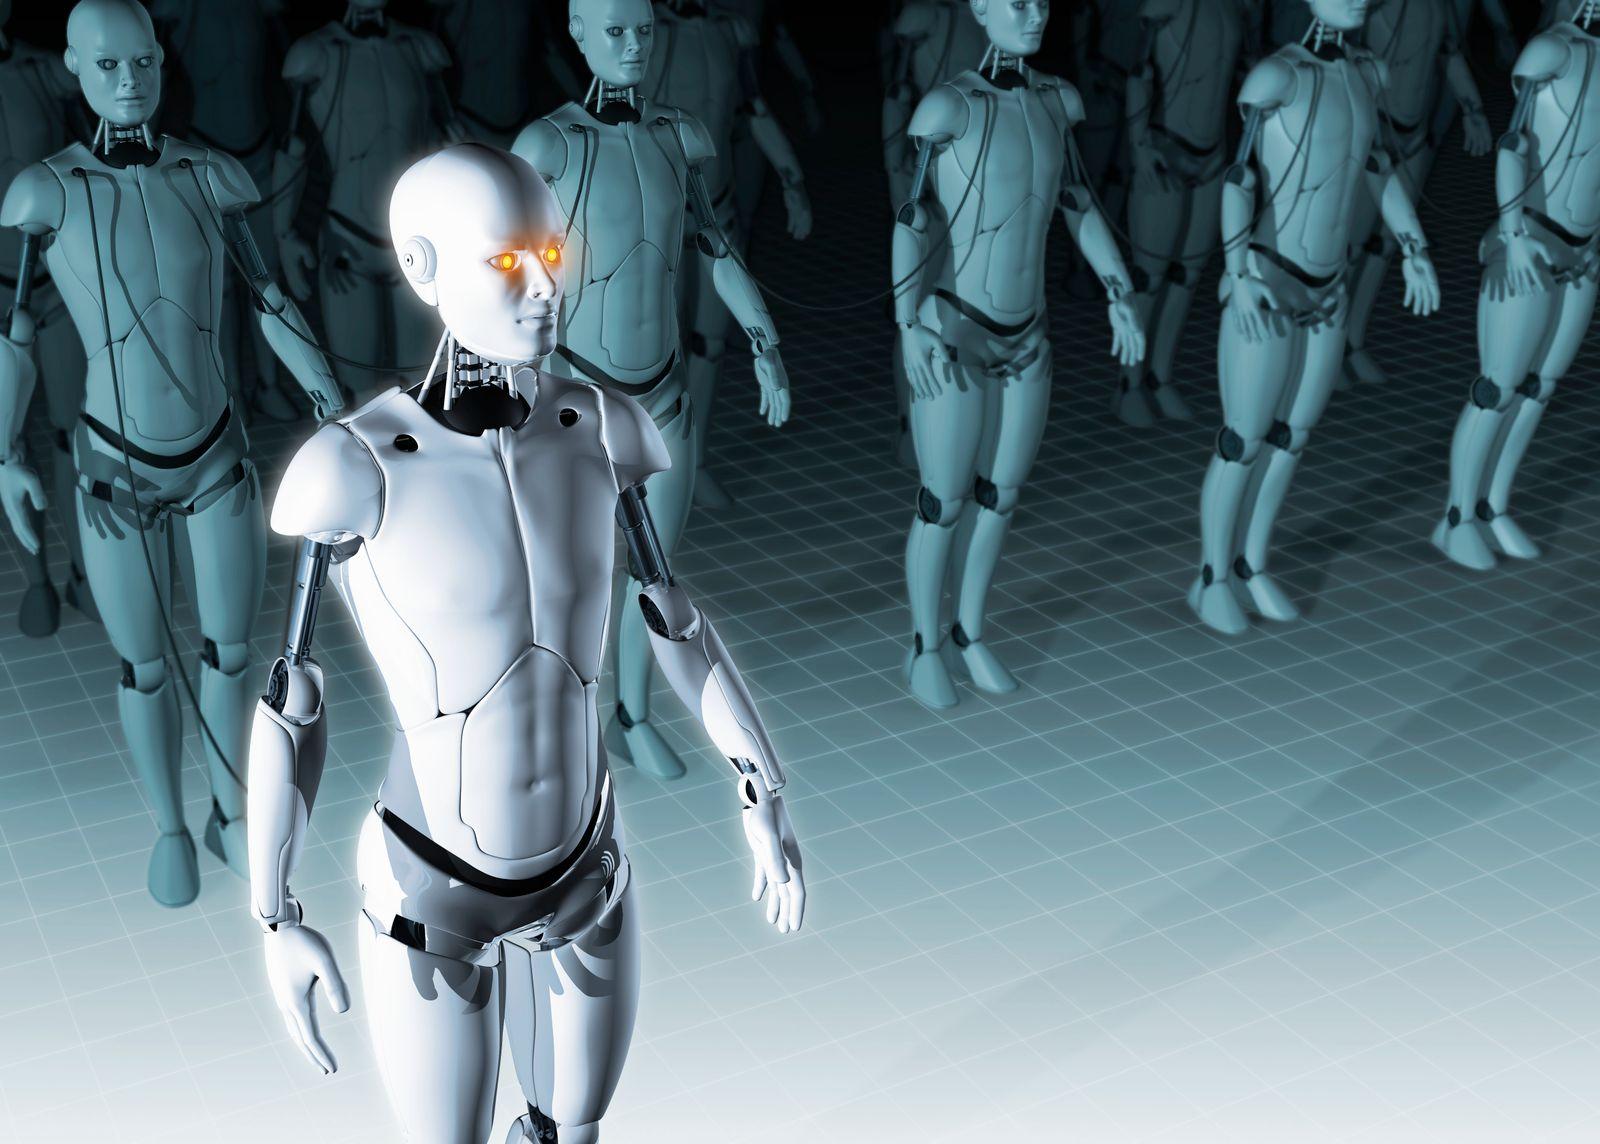 NICHT MEHR VERWENDEN! - Android / Künstliche Intelligenz